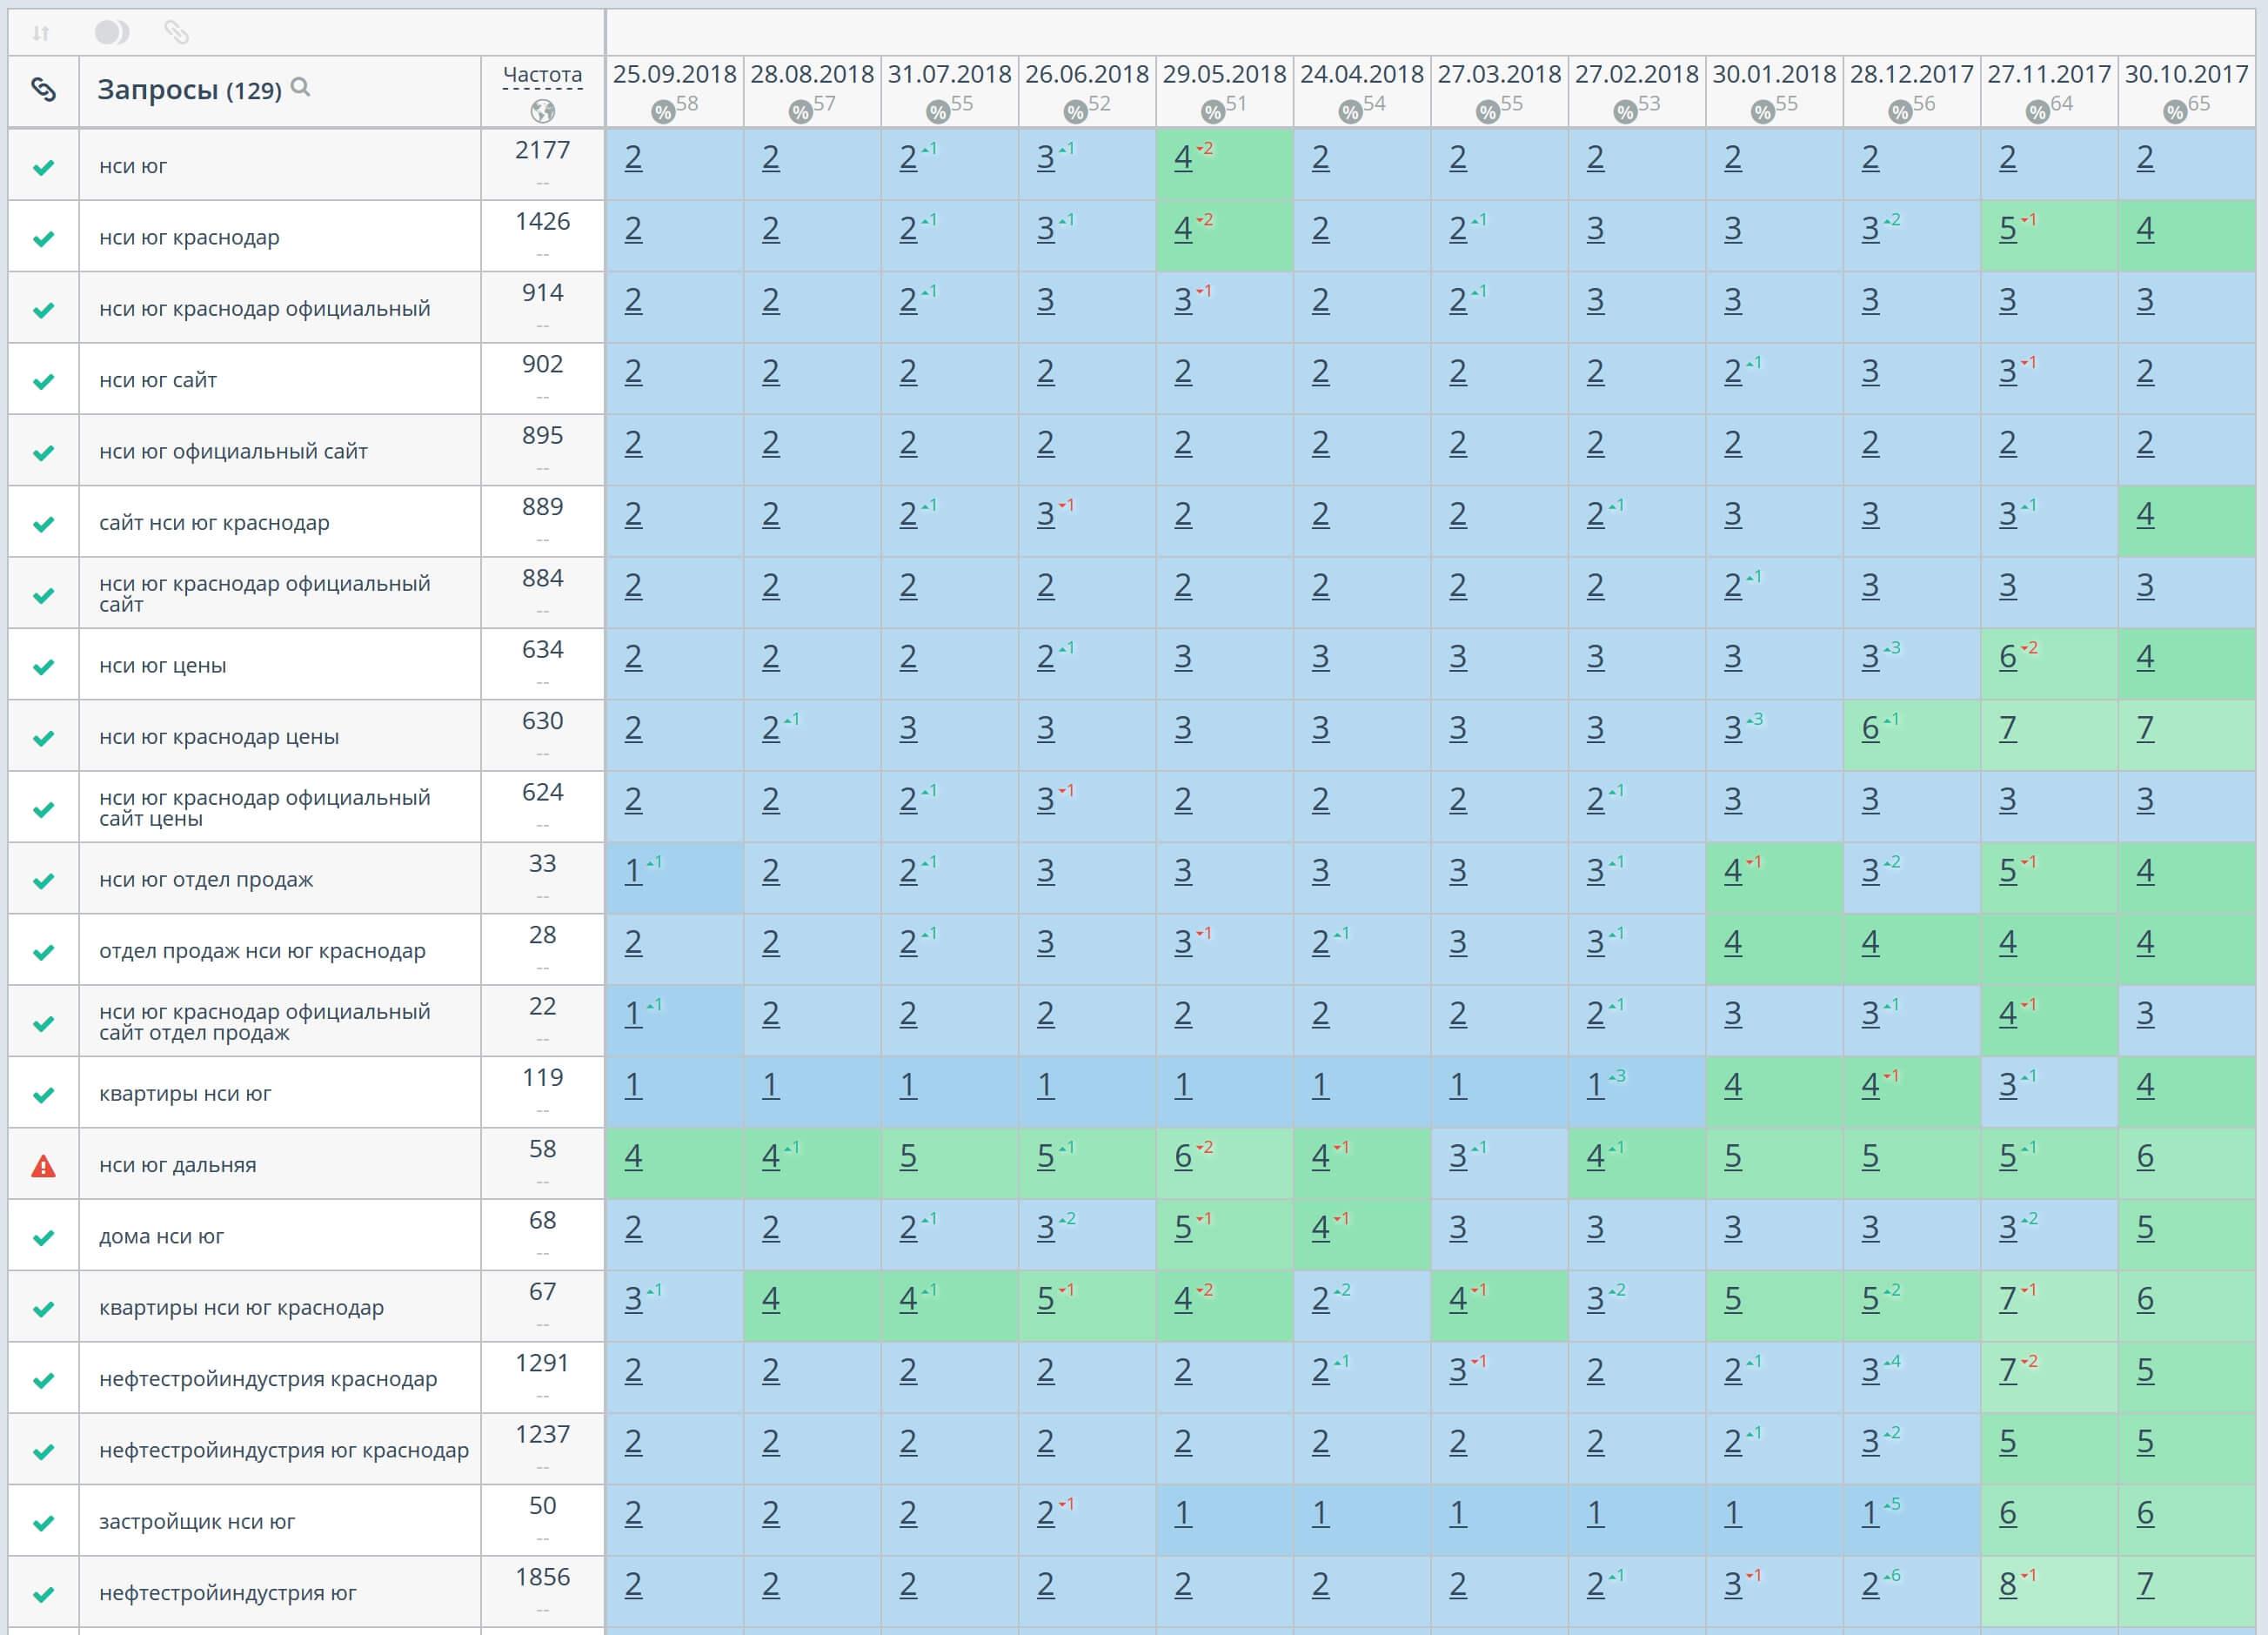 Позиции сайта в Яндексе